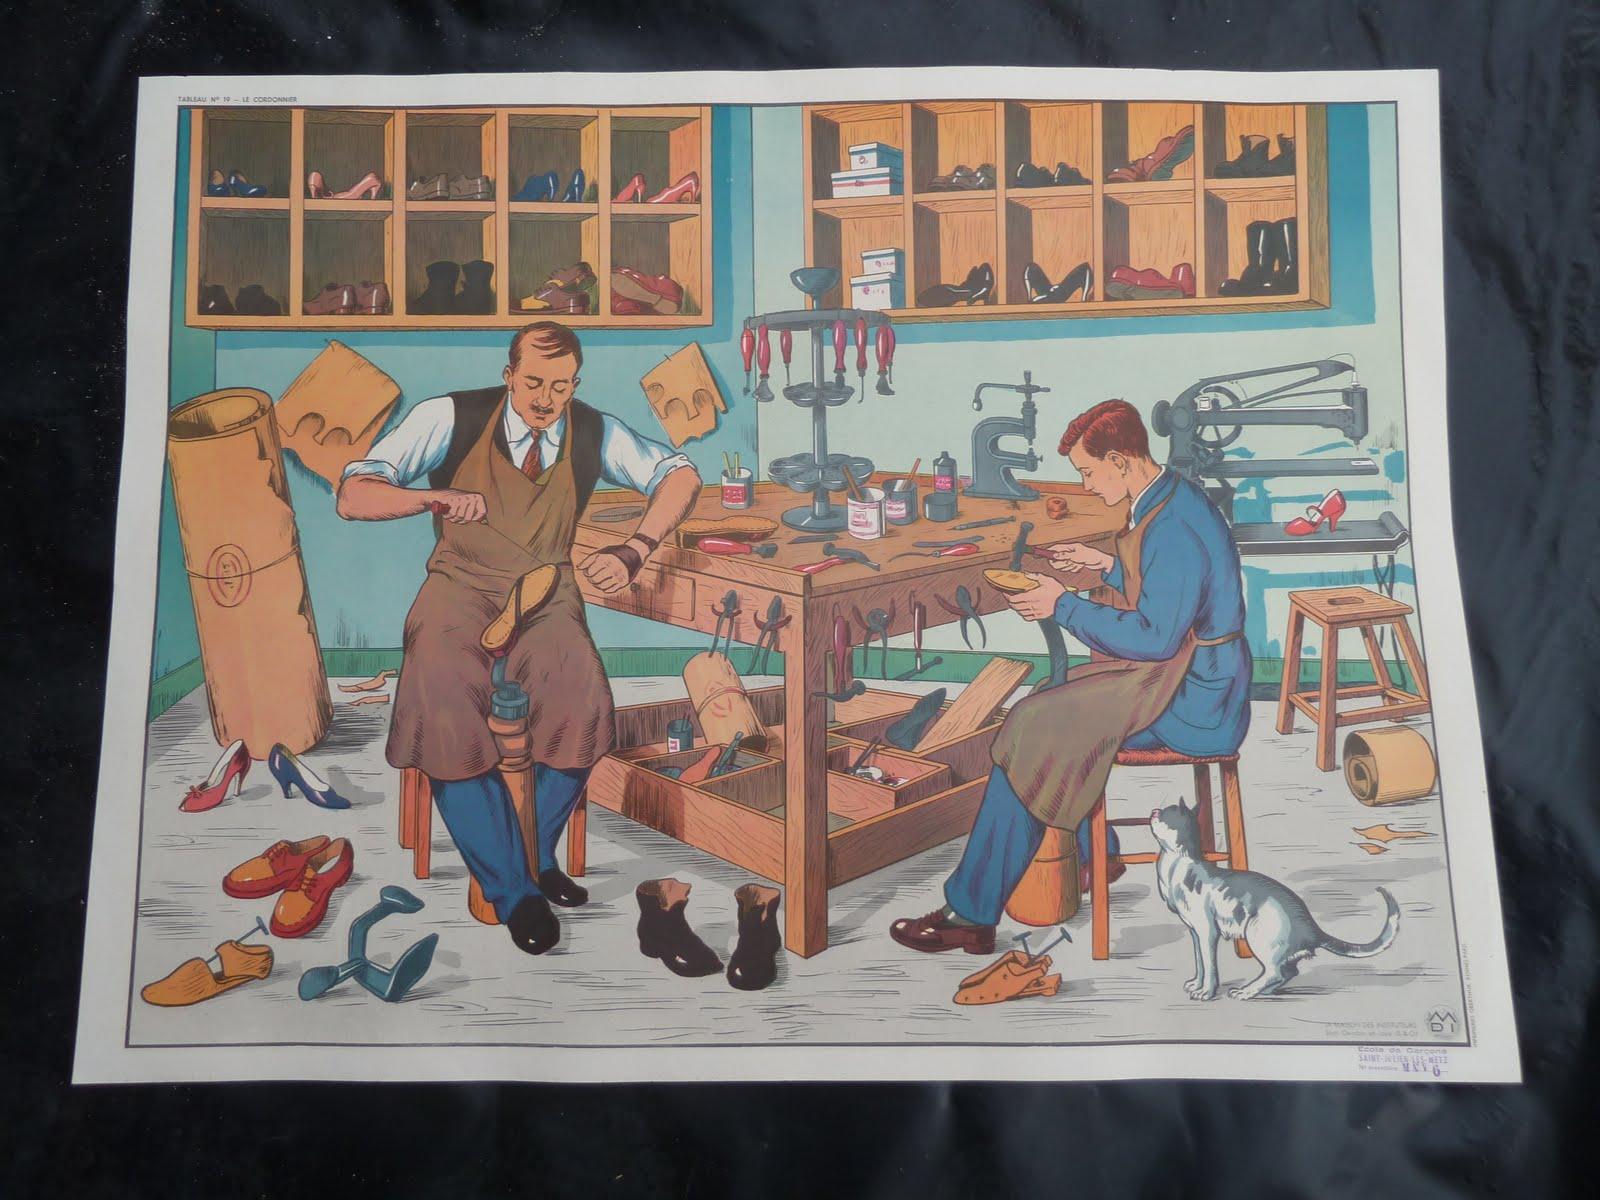 ecole fmr 1000 affiches scolaires ancienne affiche scolaire mdi cordonnier salon de coiffure. Black Bedroom Furniture Sets. Home Design Ideas